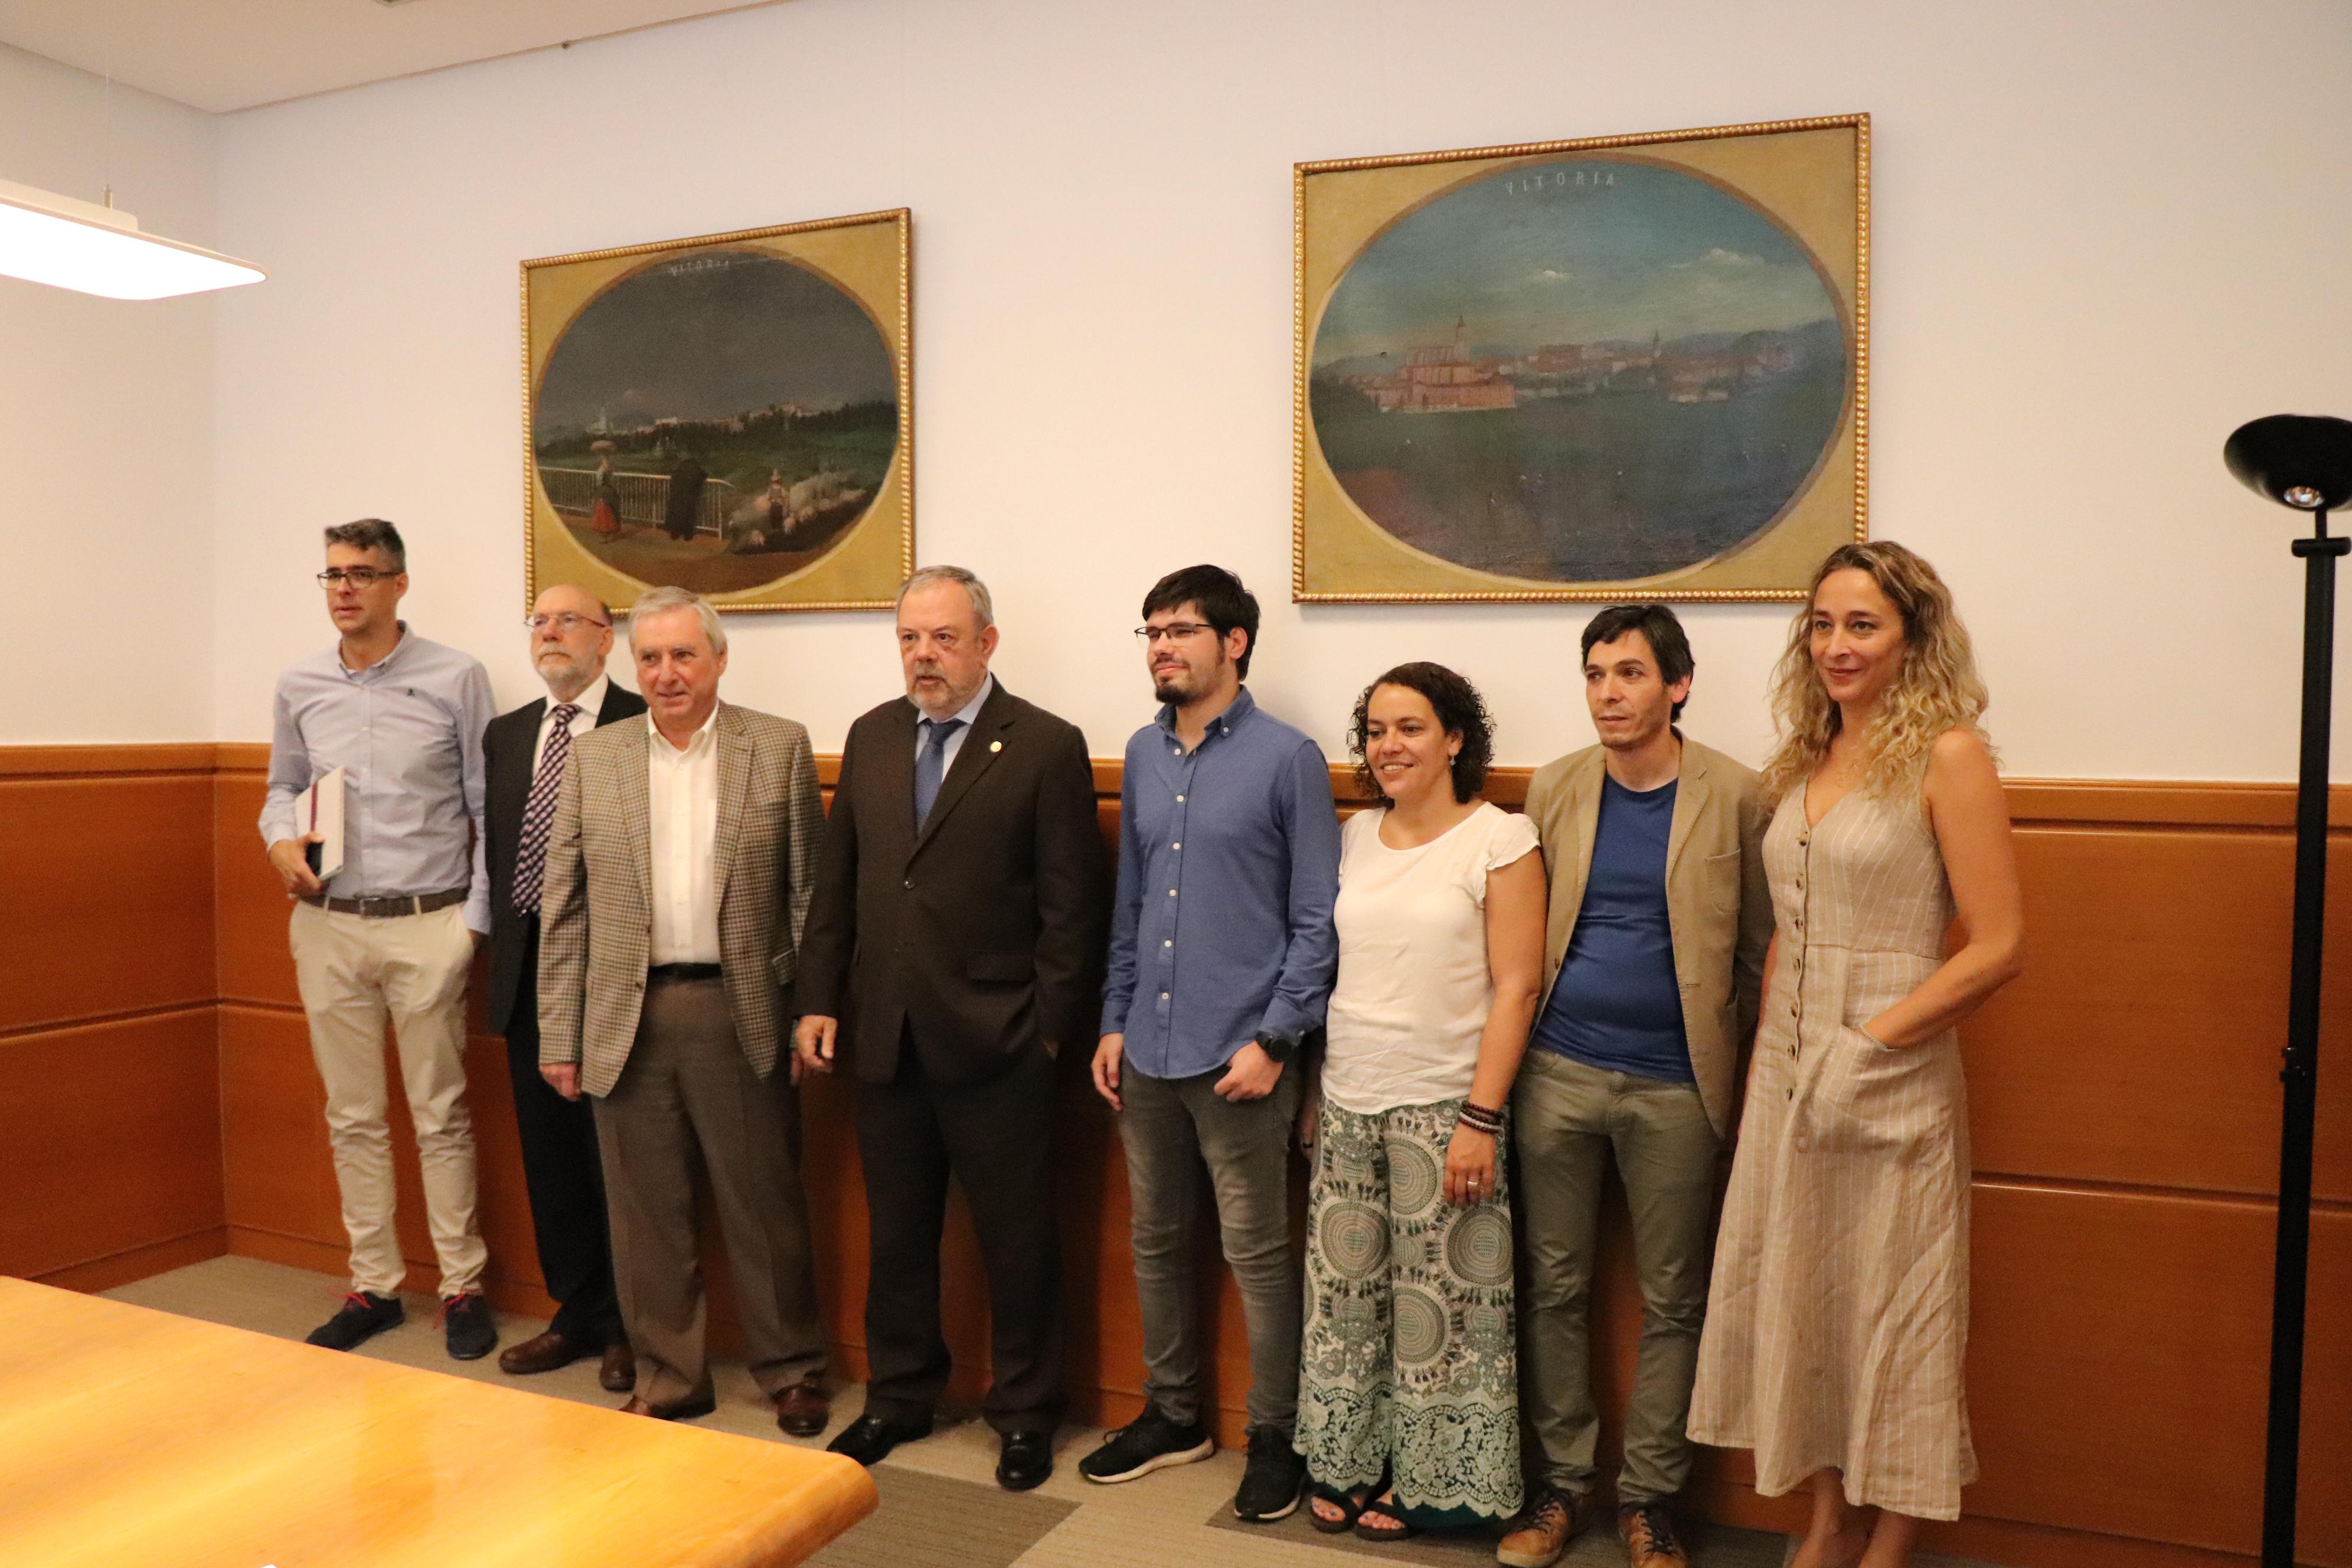 Reunión del Consejero Pedro Azpiazu con ELKARREKIN PODEMOS sobre el Presupuesto de la CAV de 2020